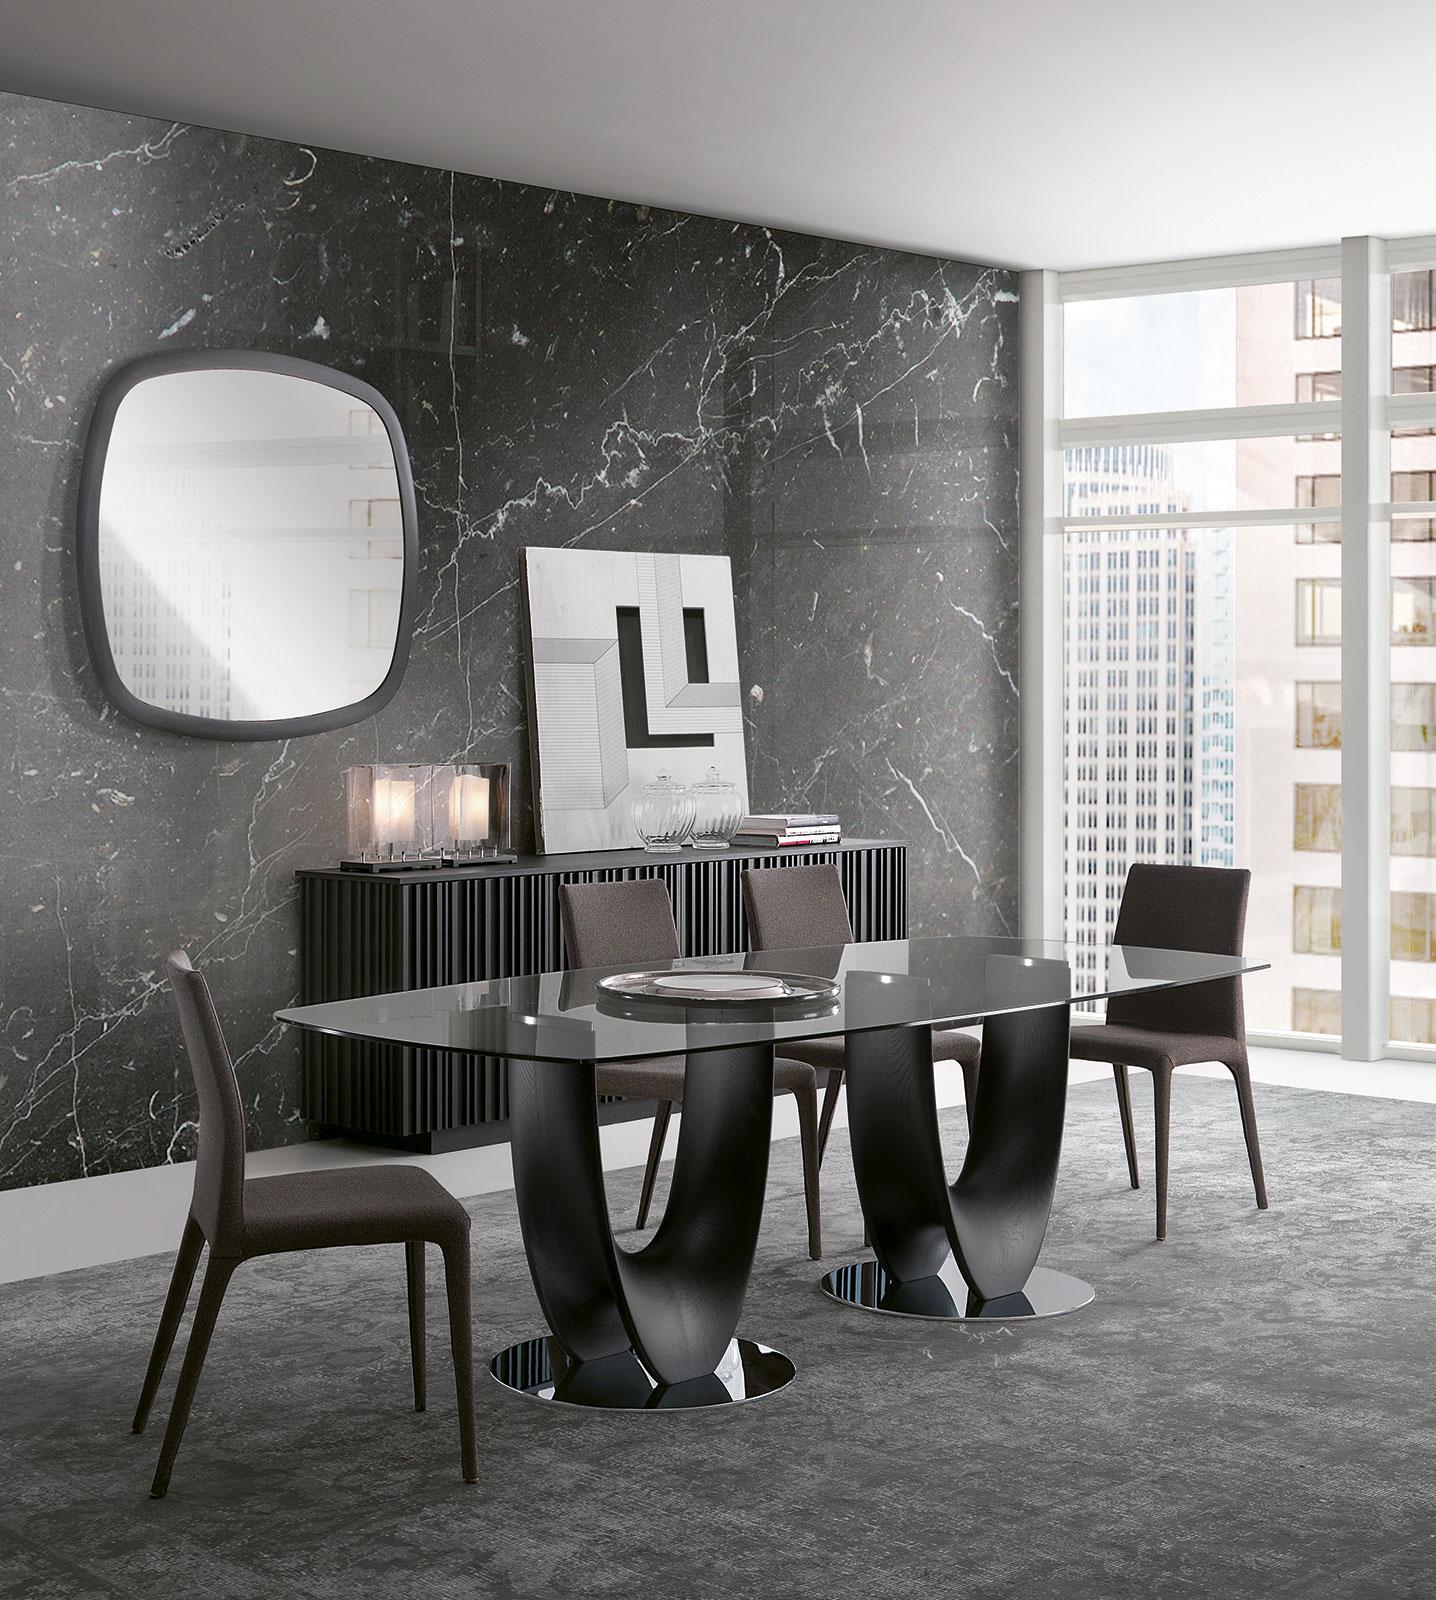 Table de repas rectangulaire en verre et bois. Vente en ligne de meubles design haut de gamme made in Italy. Achetez en ligne nos tables design originales.